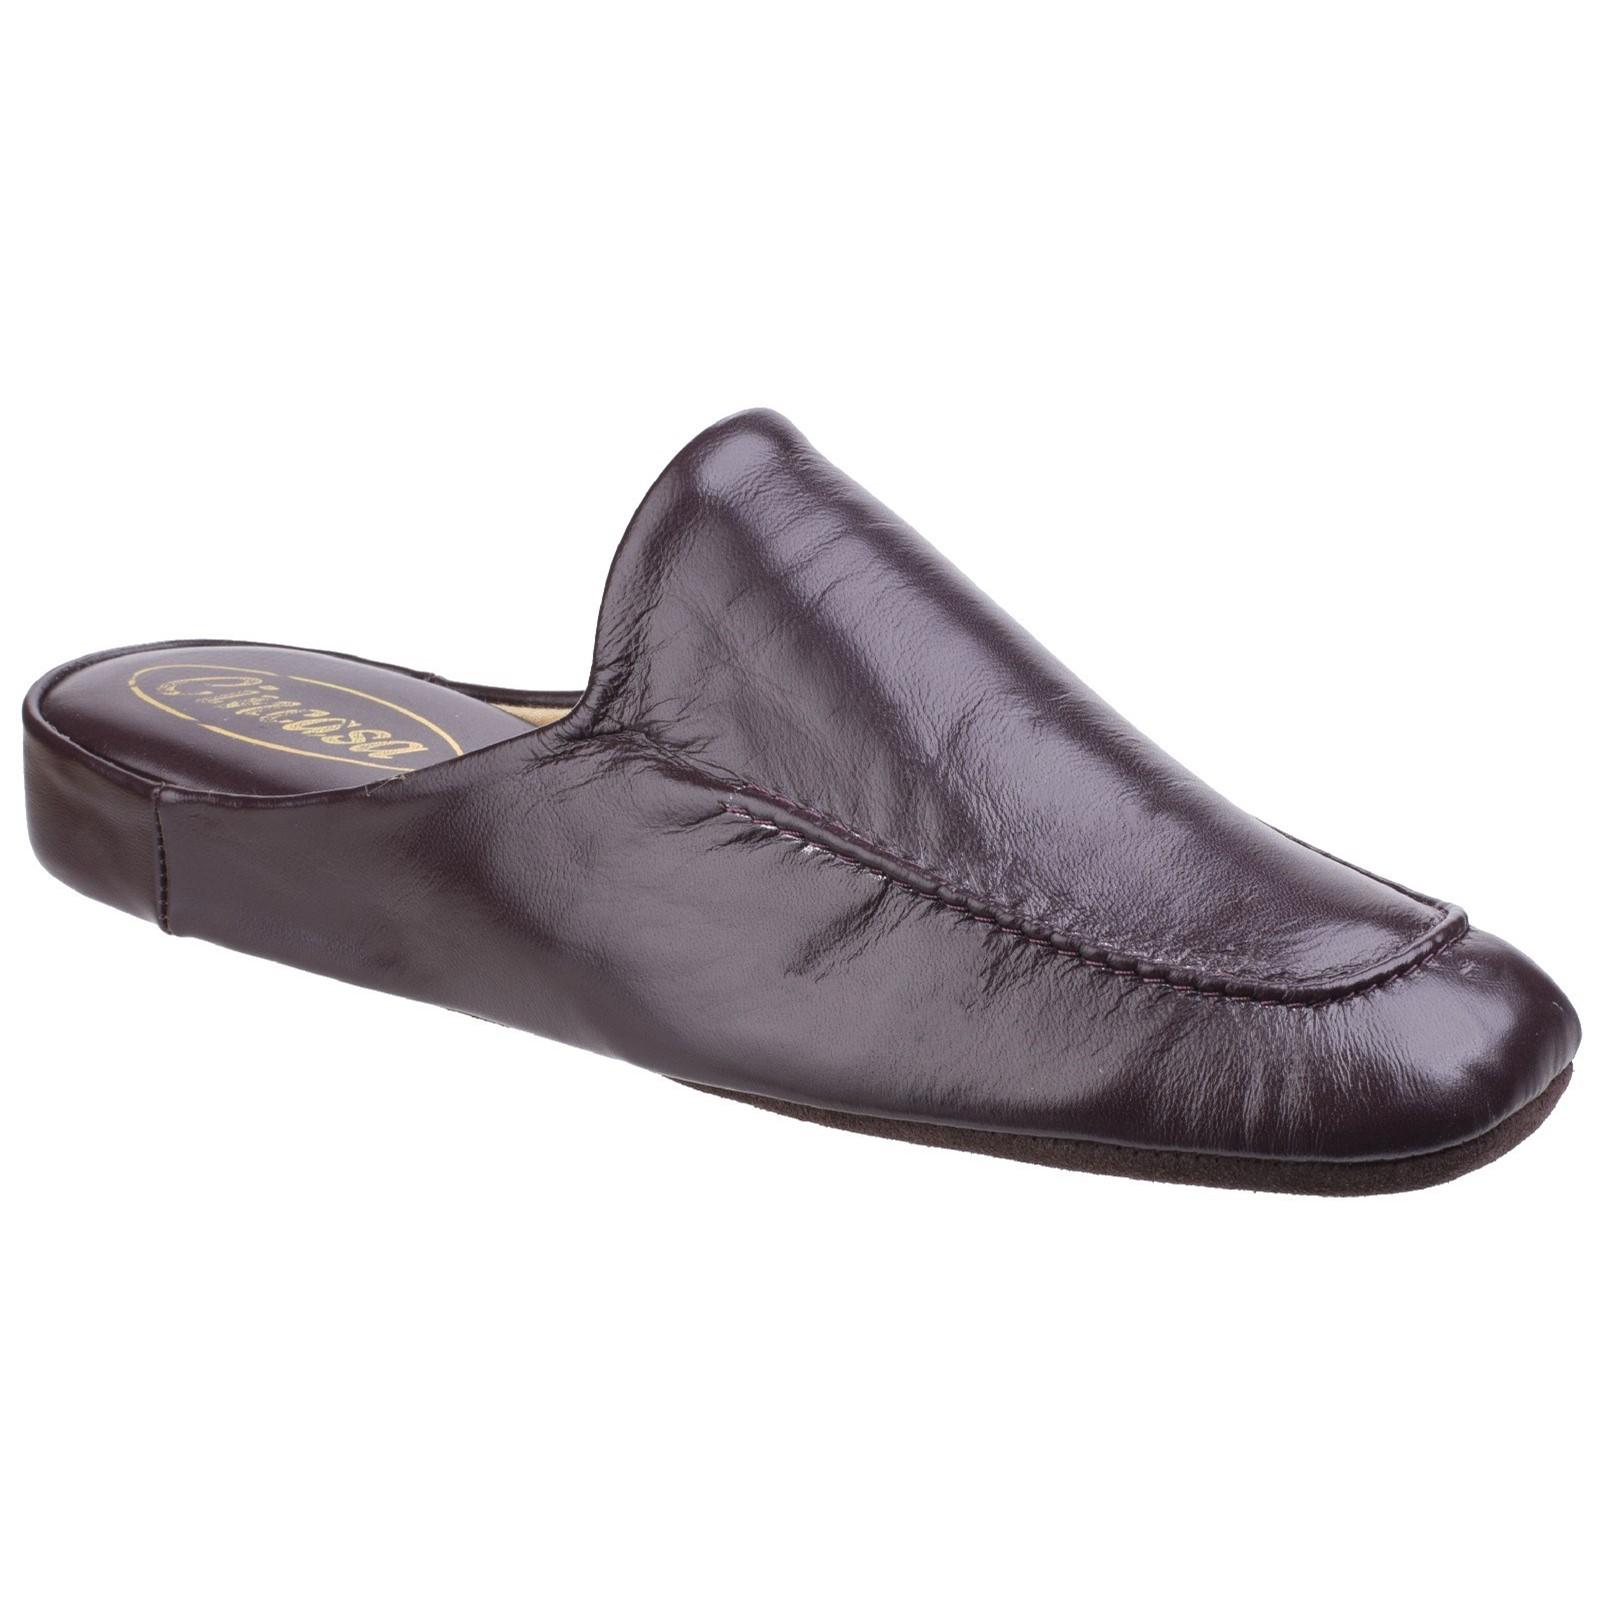 Cincasa señores carlos caballero zapatillas